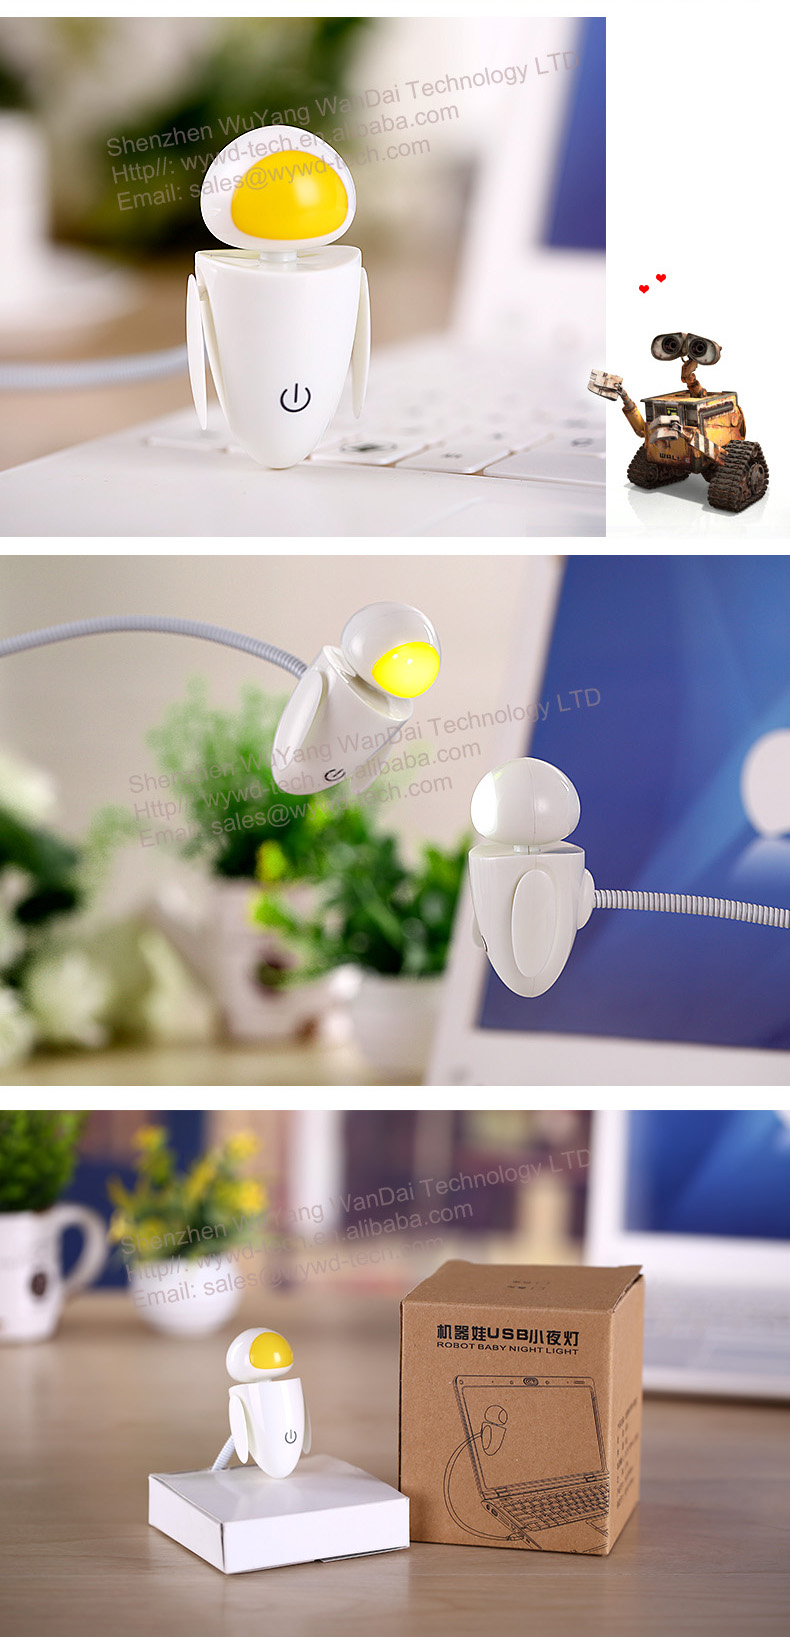 meilleur vente mini innovante lumi res lampes lectroniques gadgets nouvelle pour 2015 id de. Black Bedroom Furniture Sets. Home Design Ideas